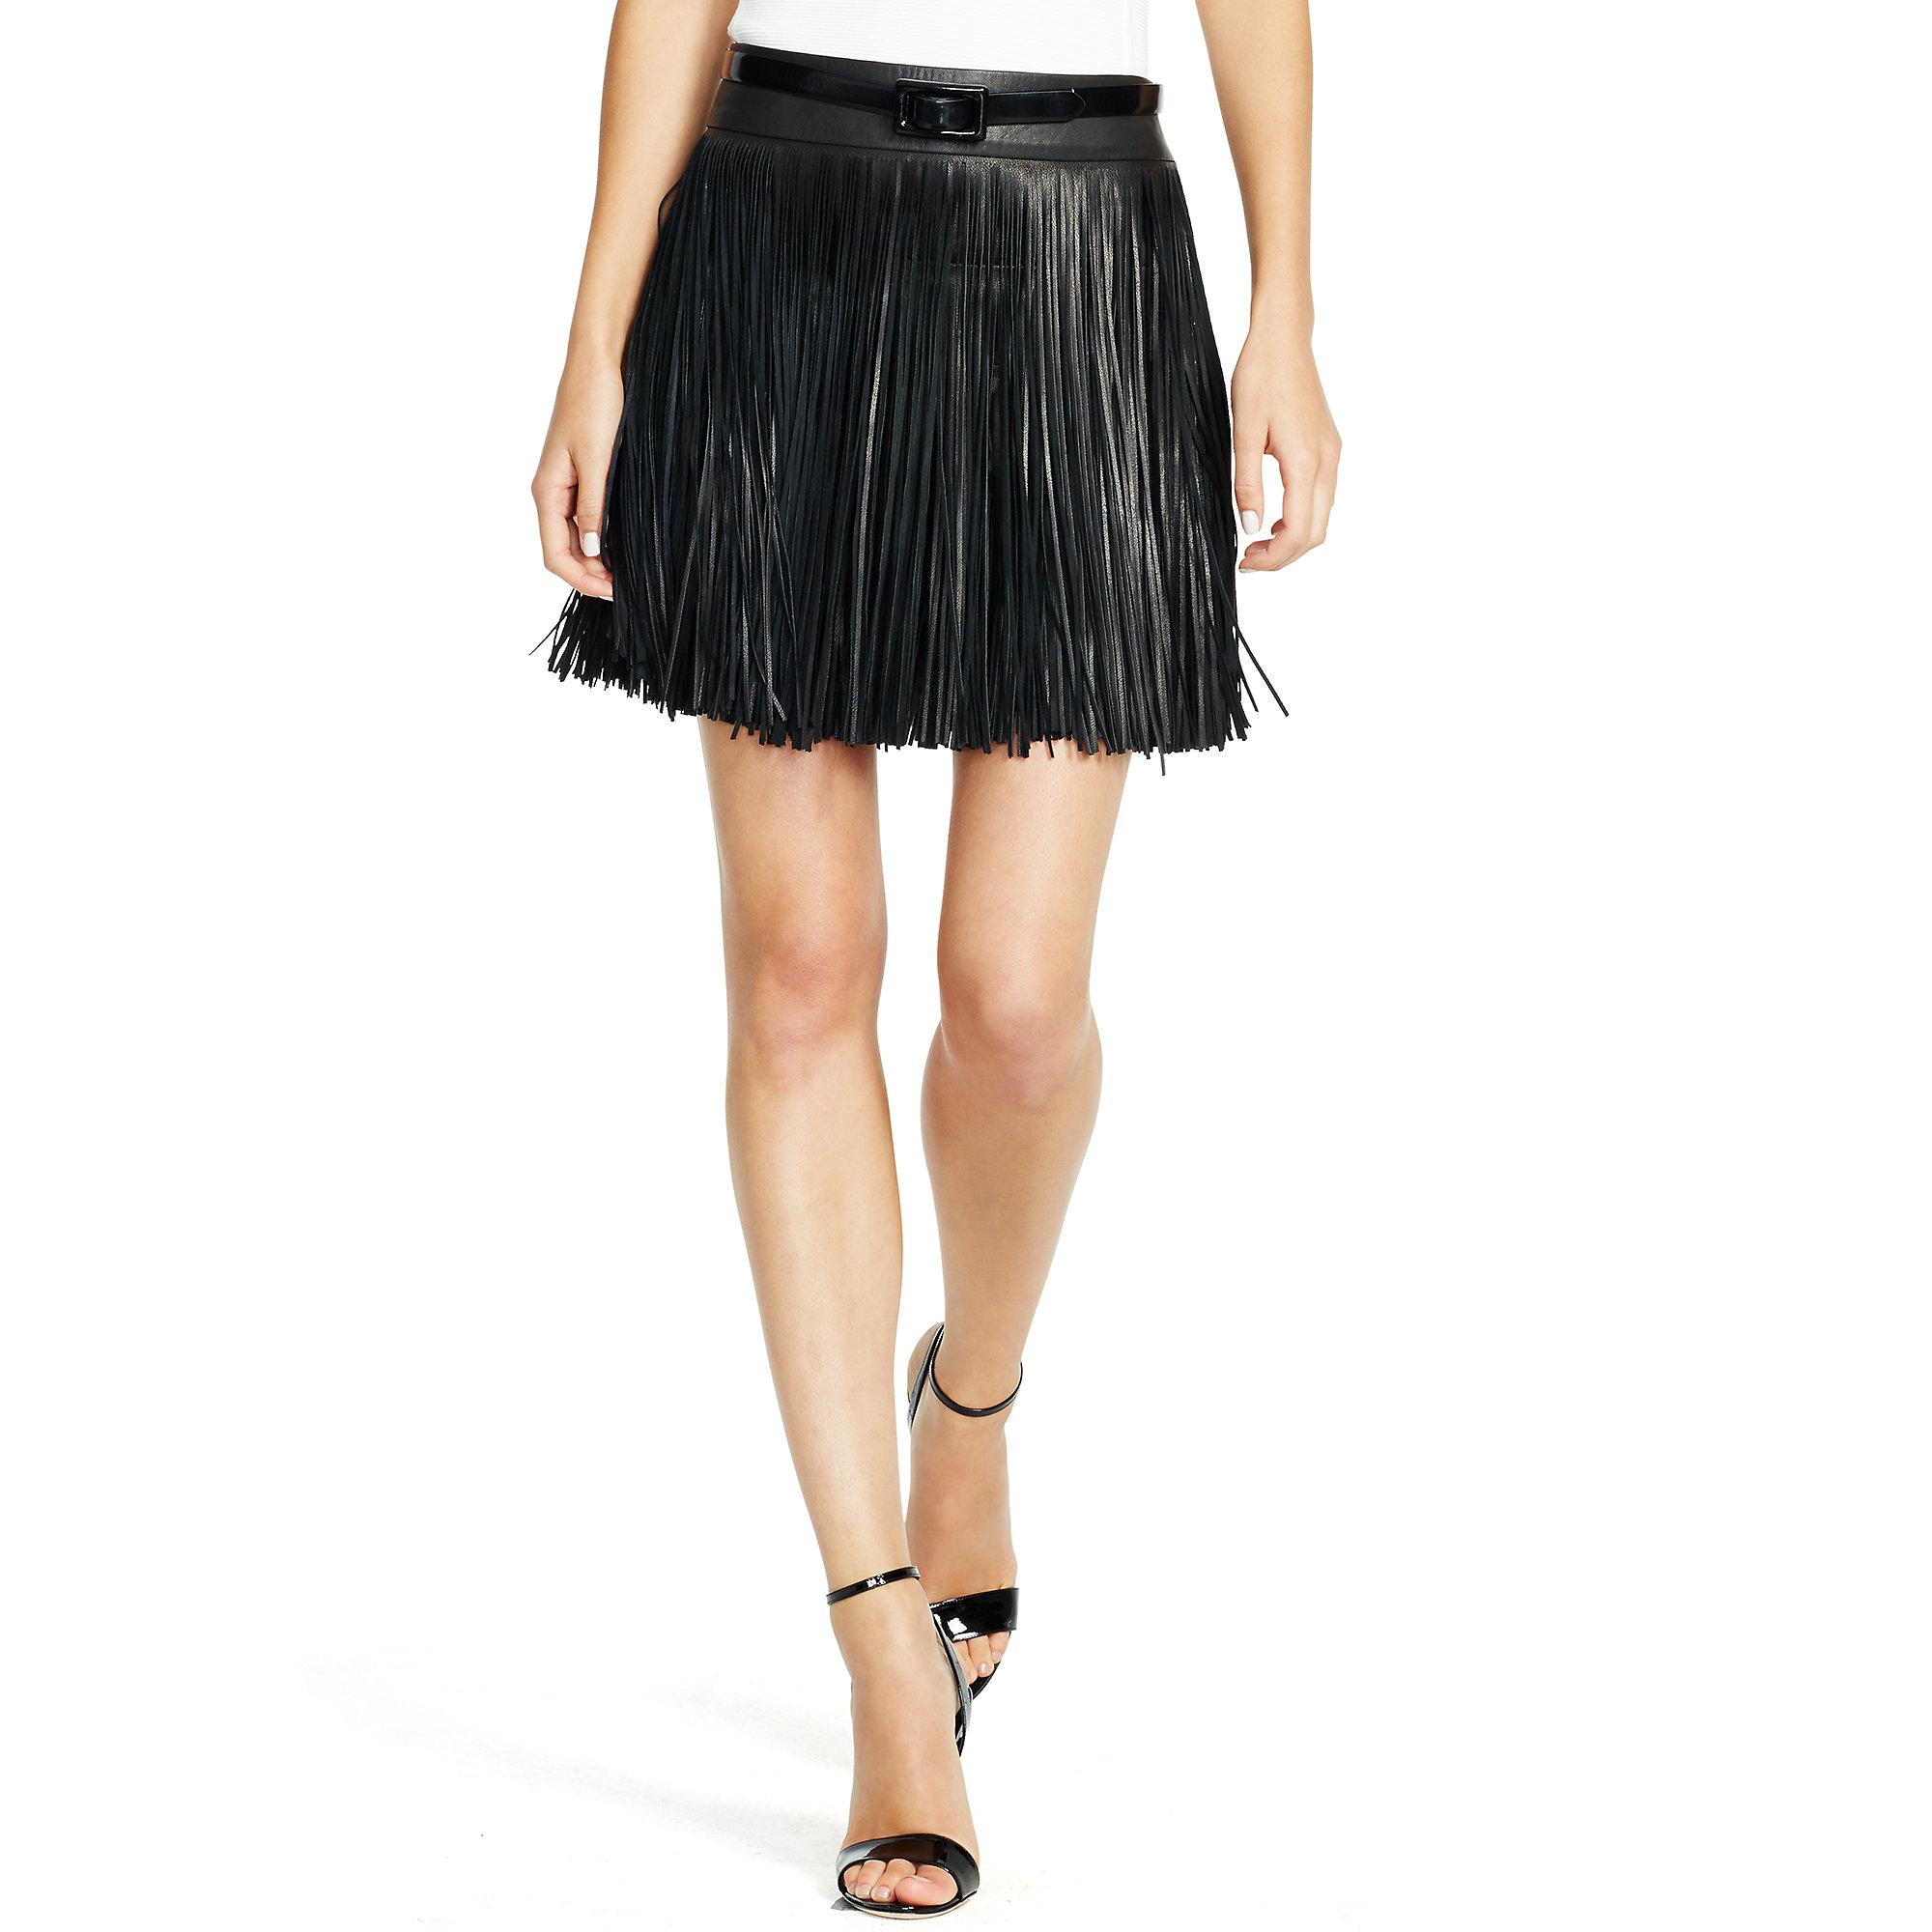 Polo ralph lauren Fringed Leather Miniskirt in Black | Lyst